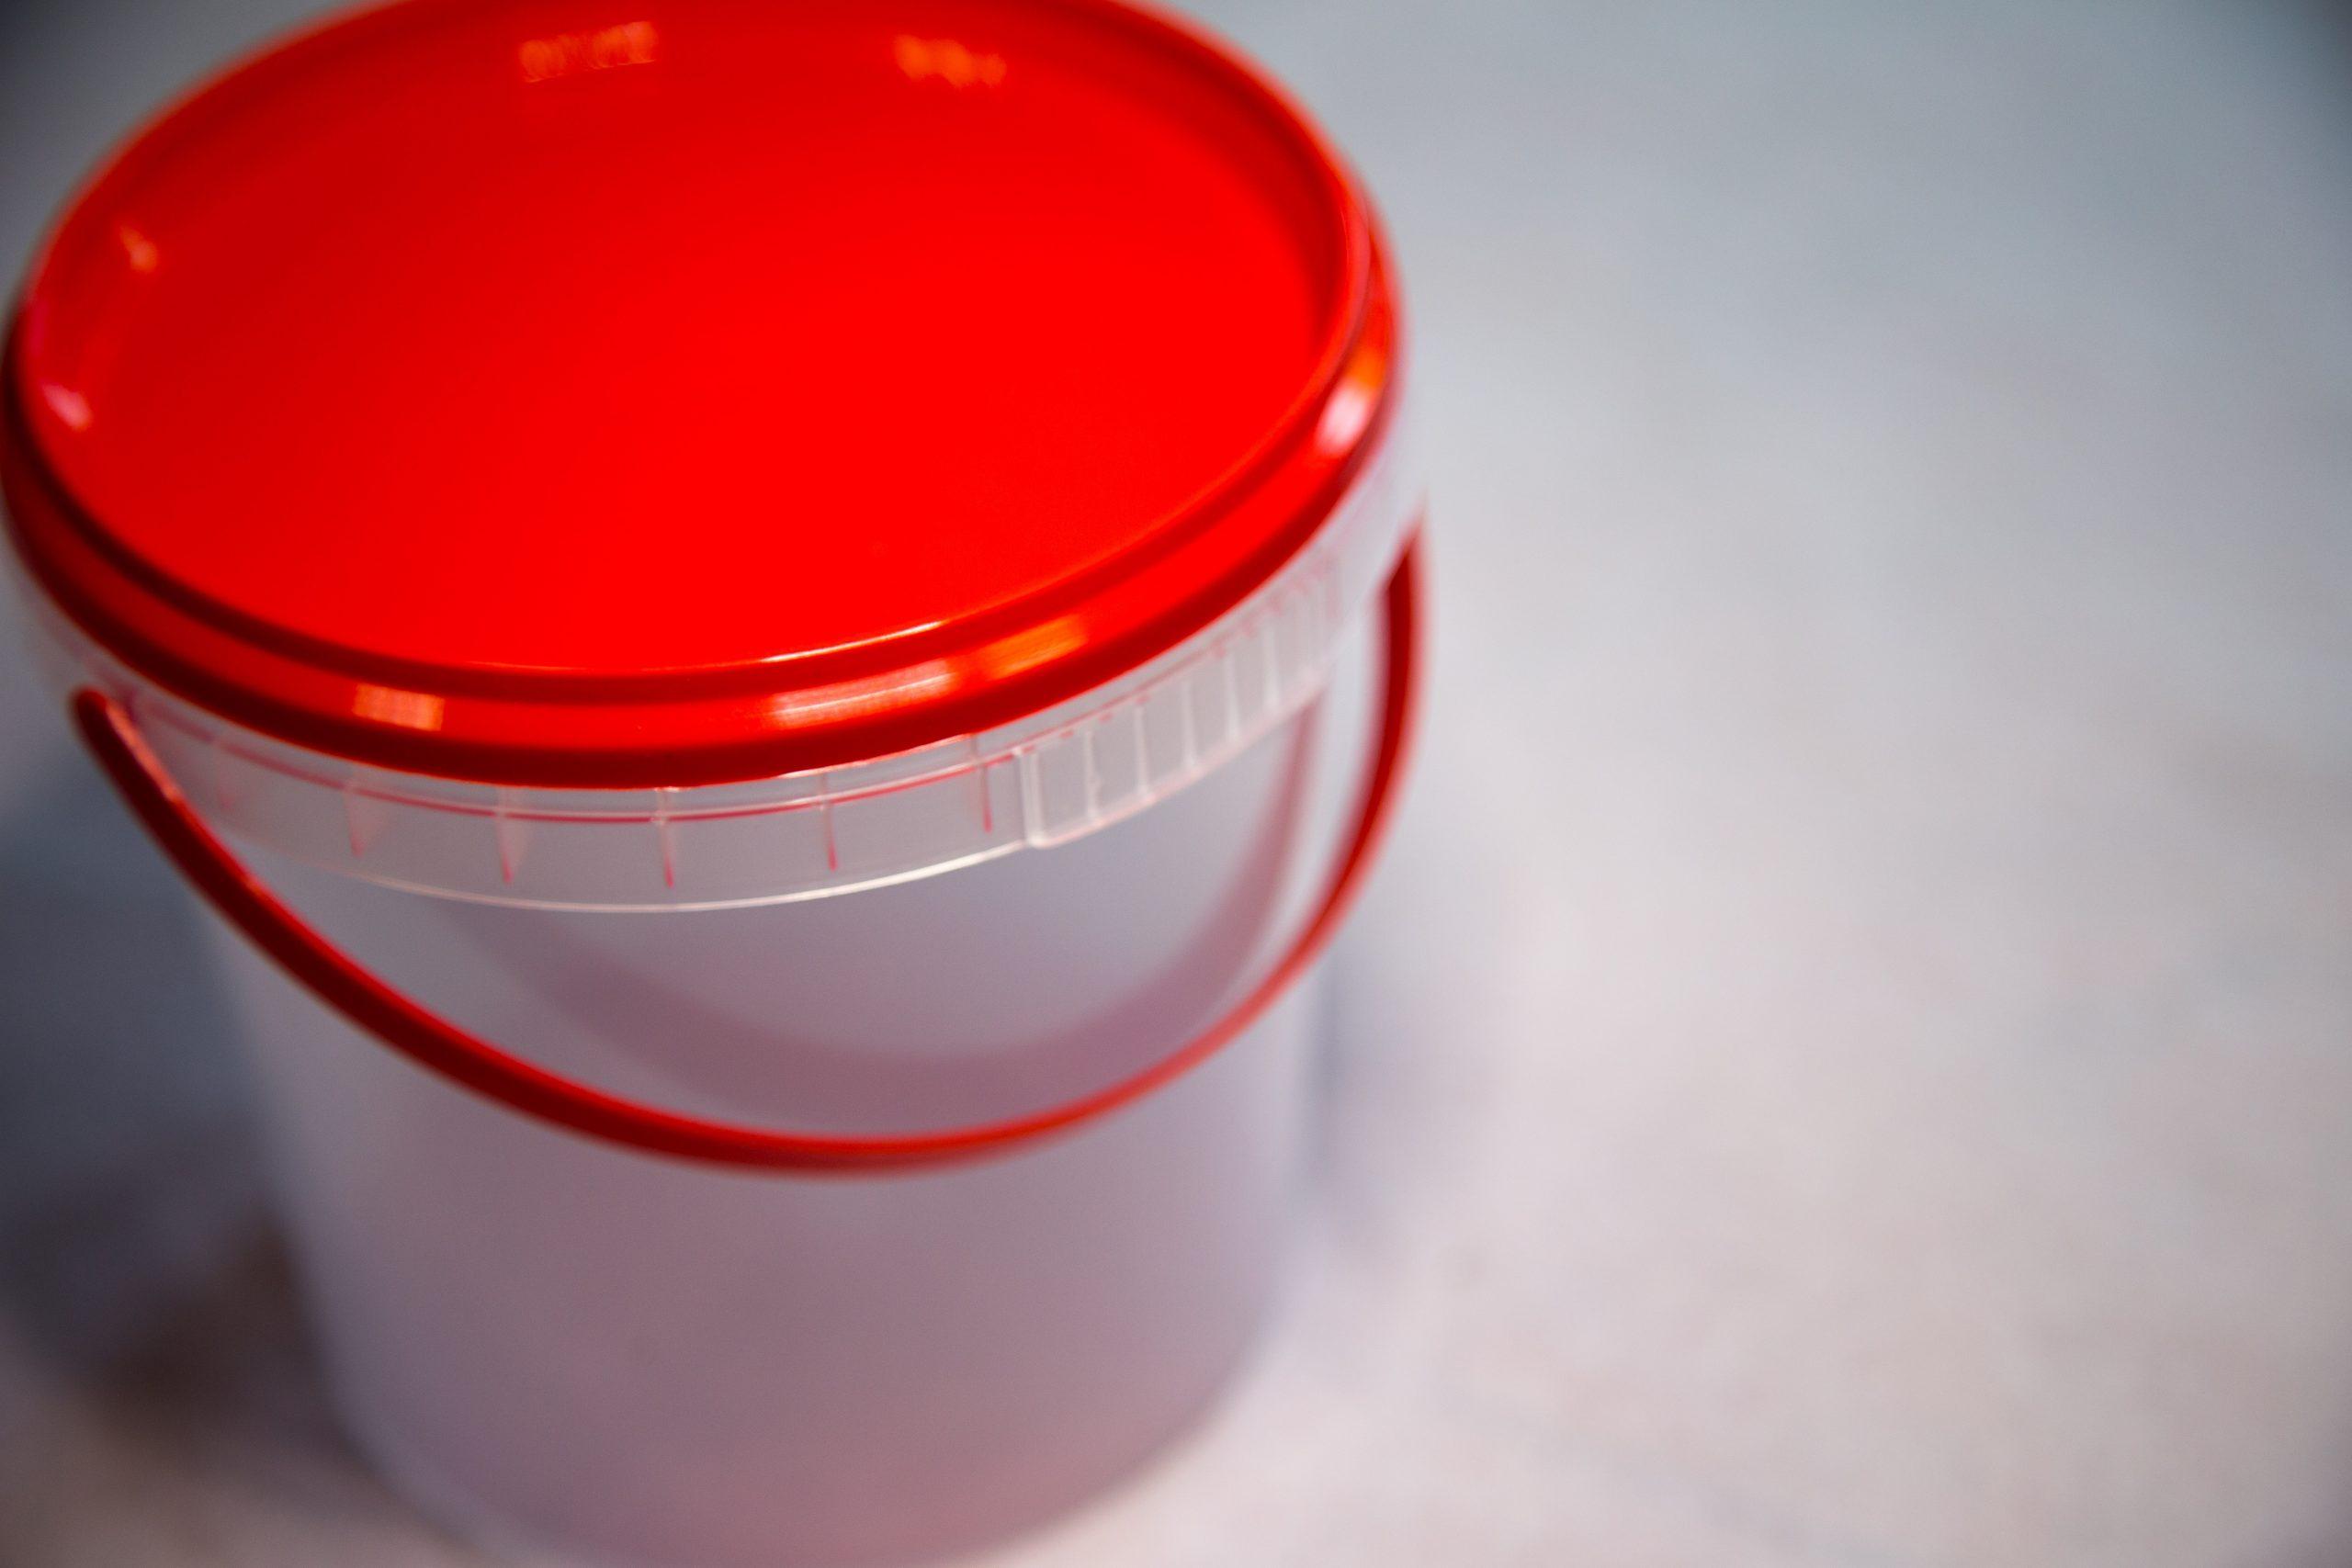 Ведро пластиковое прозрачное с красной крышкой 1л.